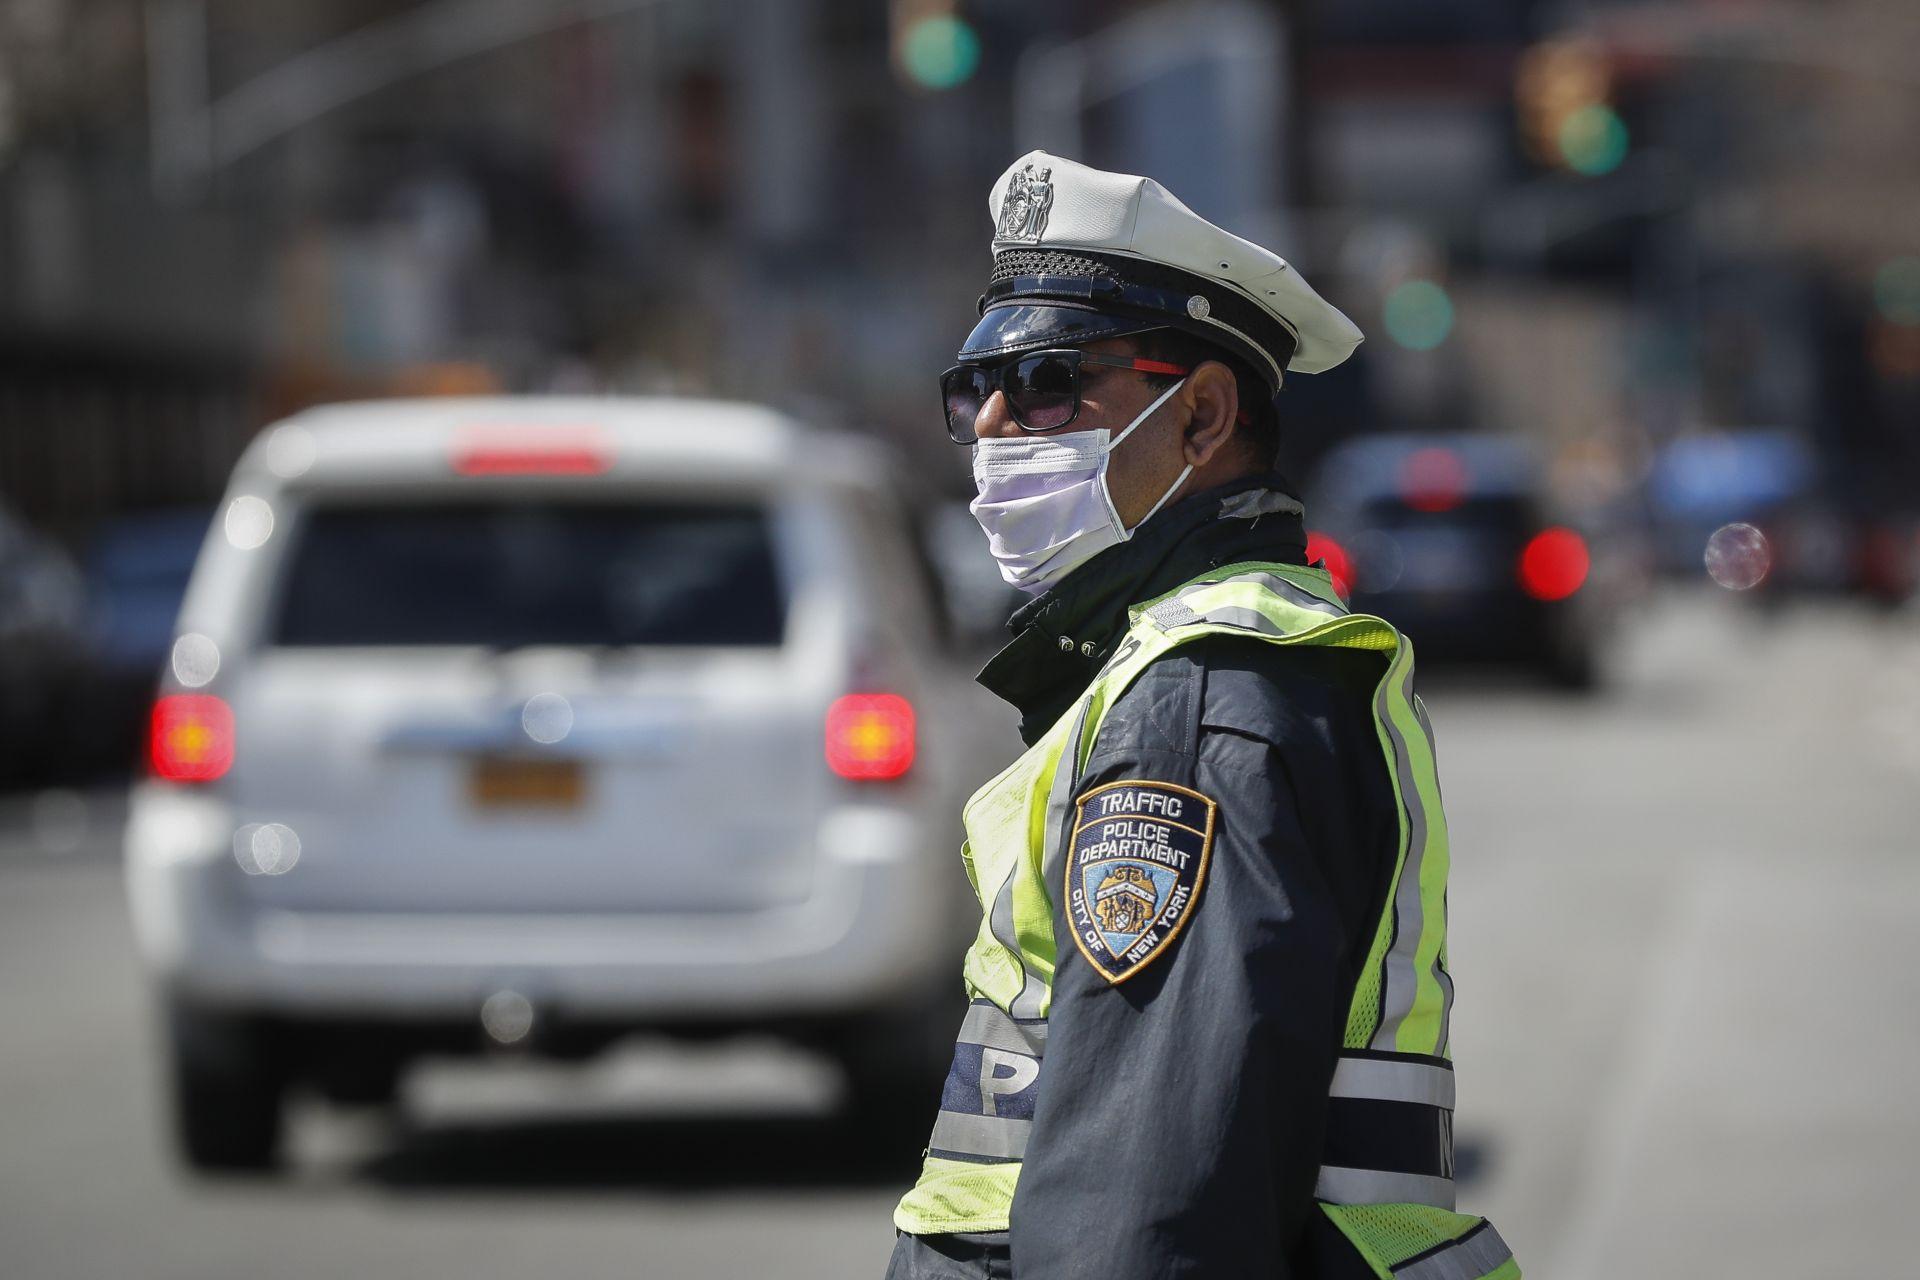 Ню Йорк е най-тежко засегнатият от коронавируса американски щат